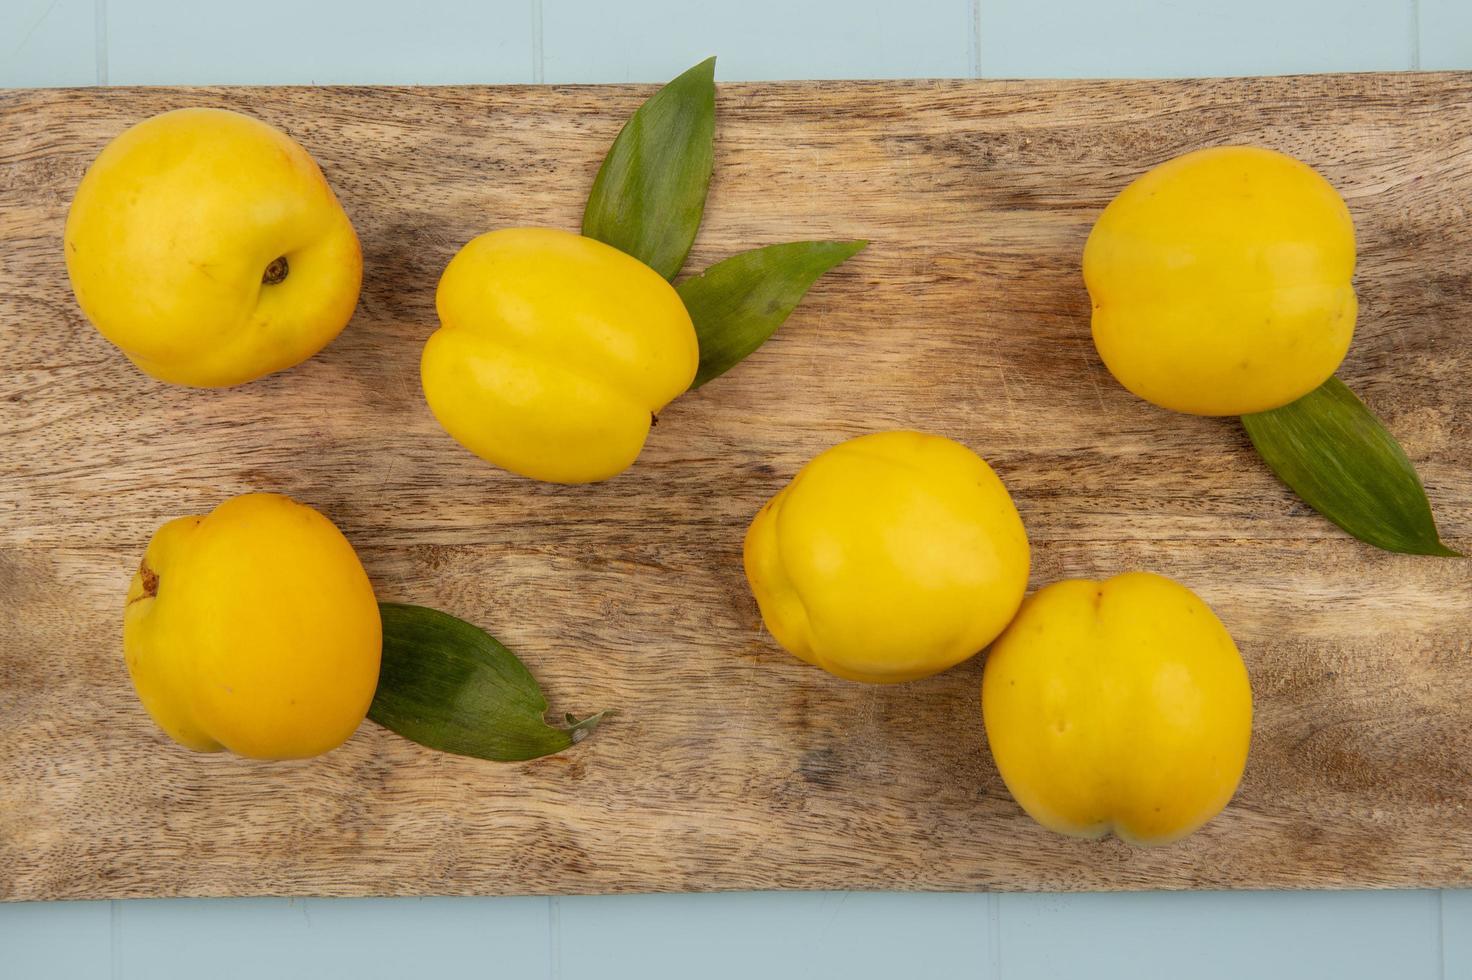 bovenaanzicht van verse gele perziken met bladeren geïsoleerd op een houten keukenbord op een blauwe achtergrond foto